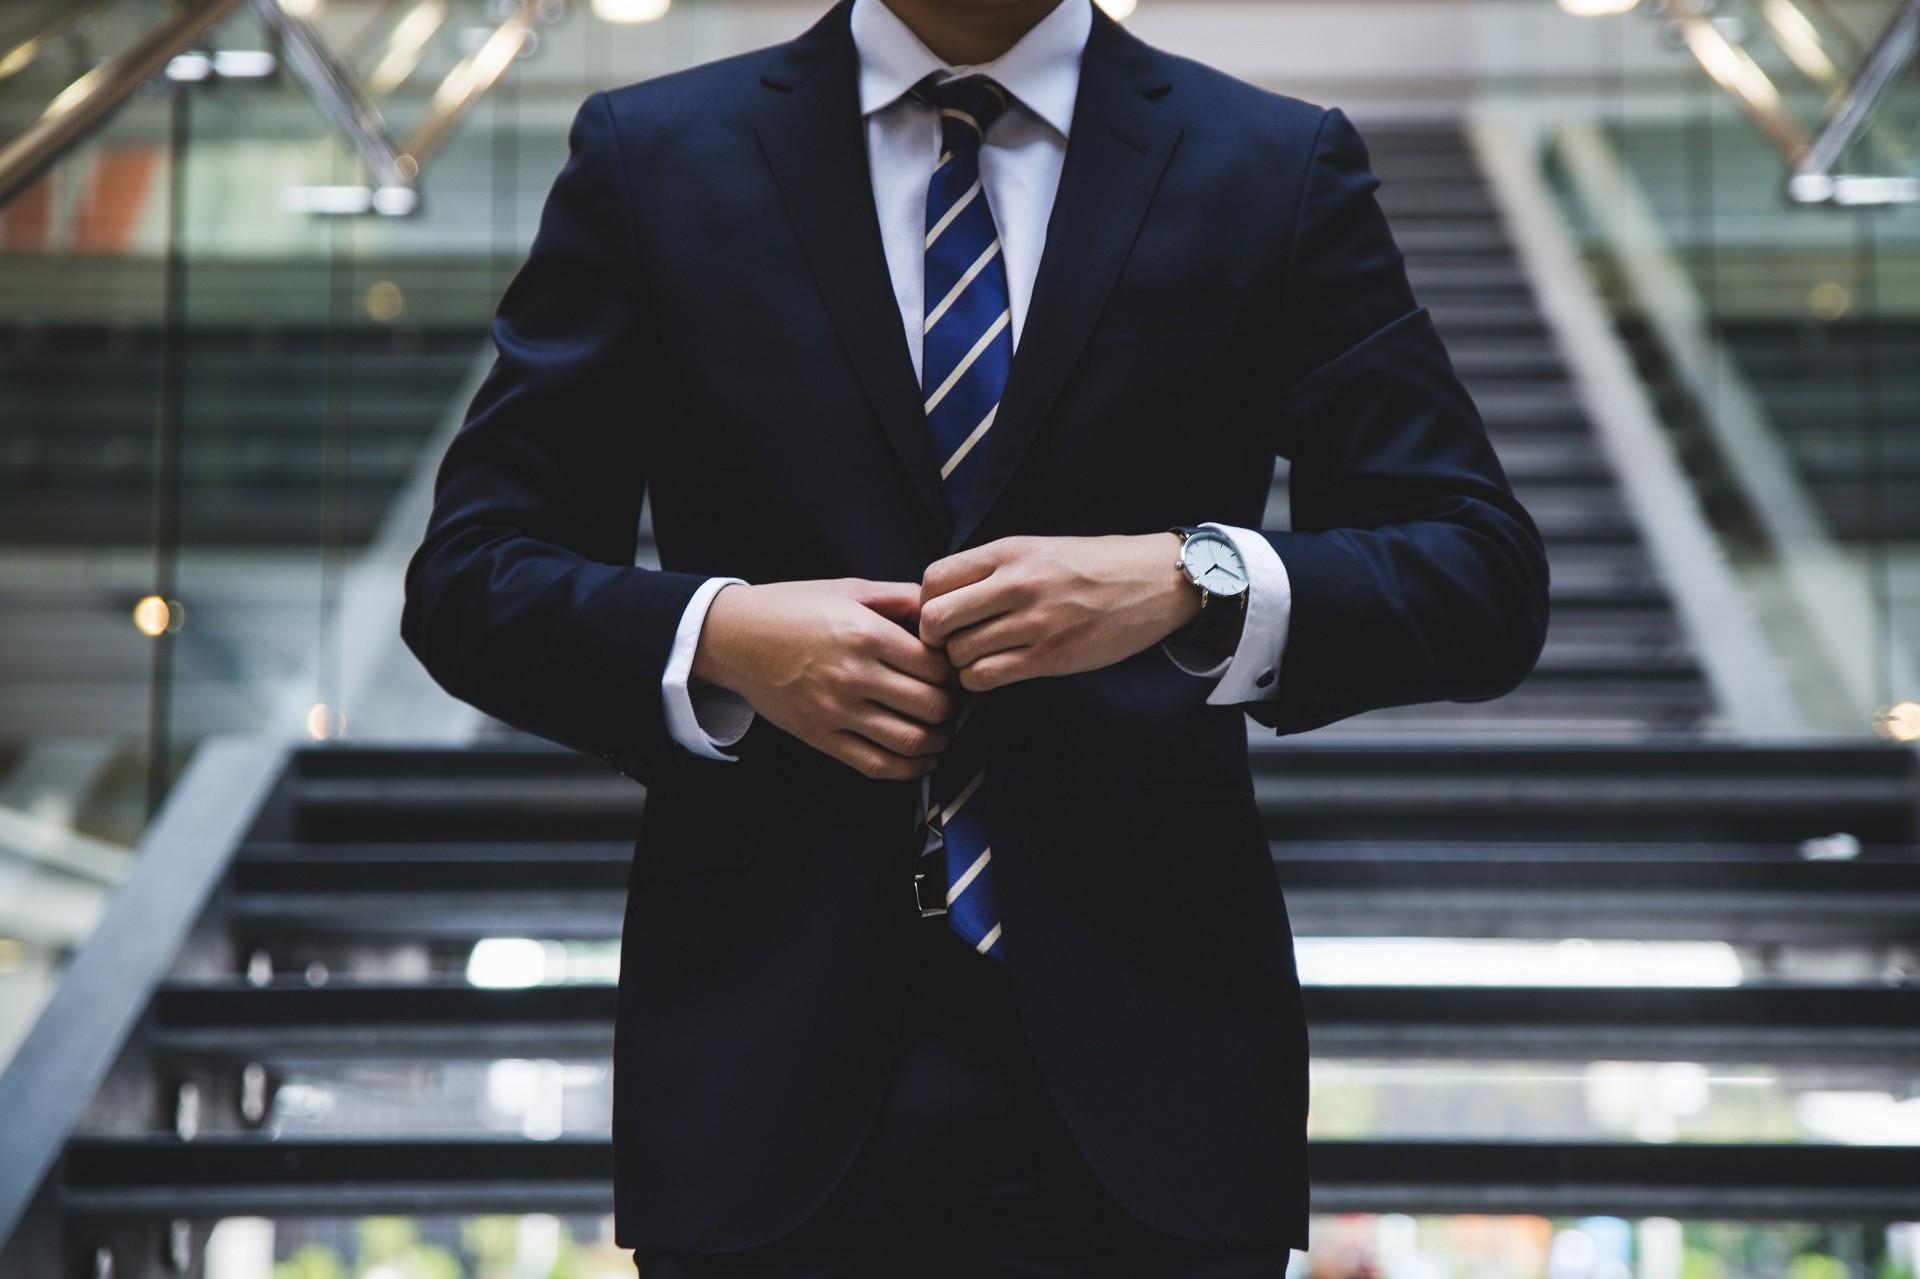 Jak stworzyć profesjonalny wizerunek w pracy?